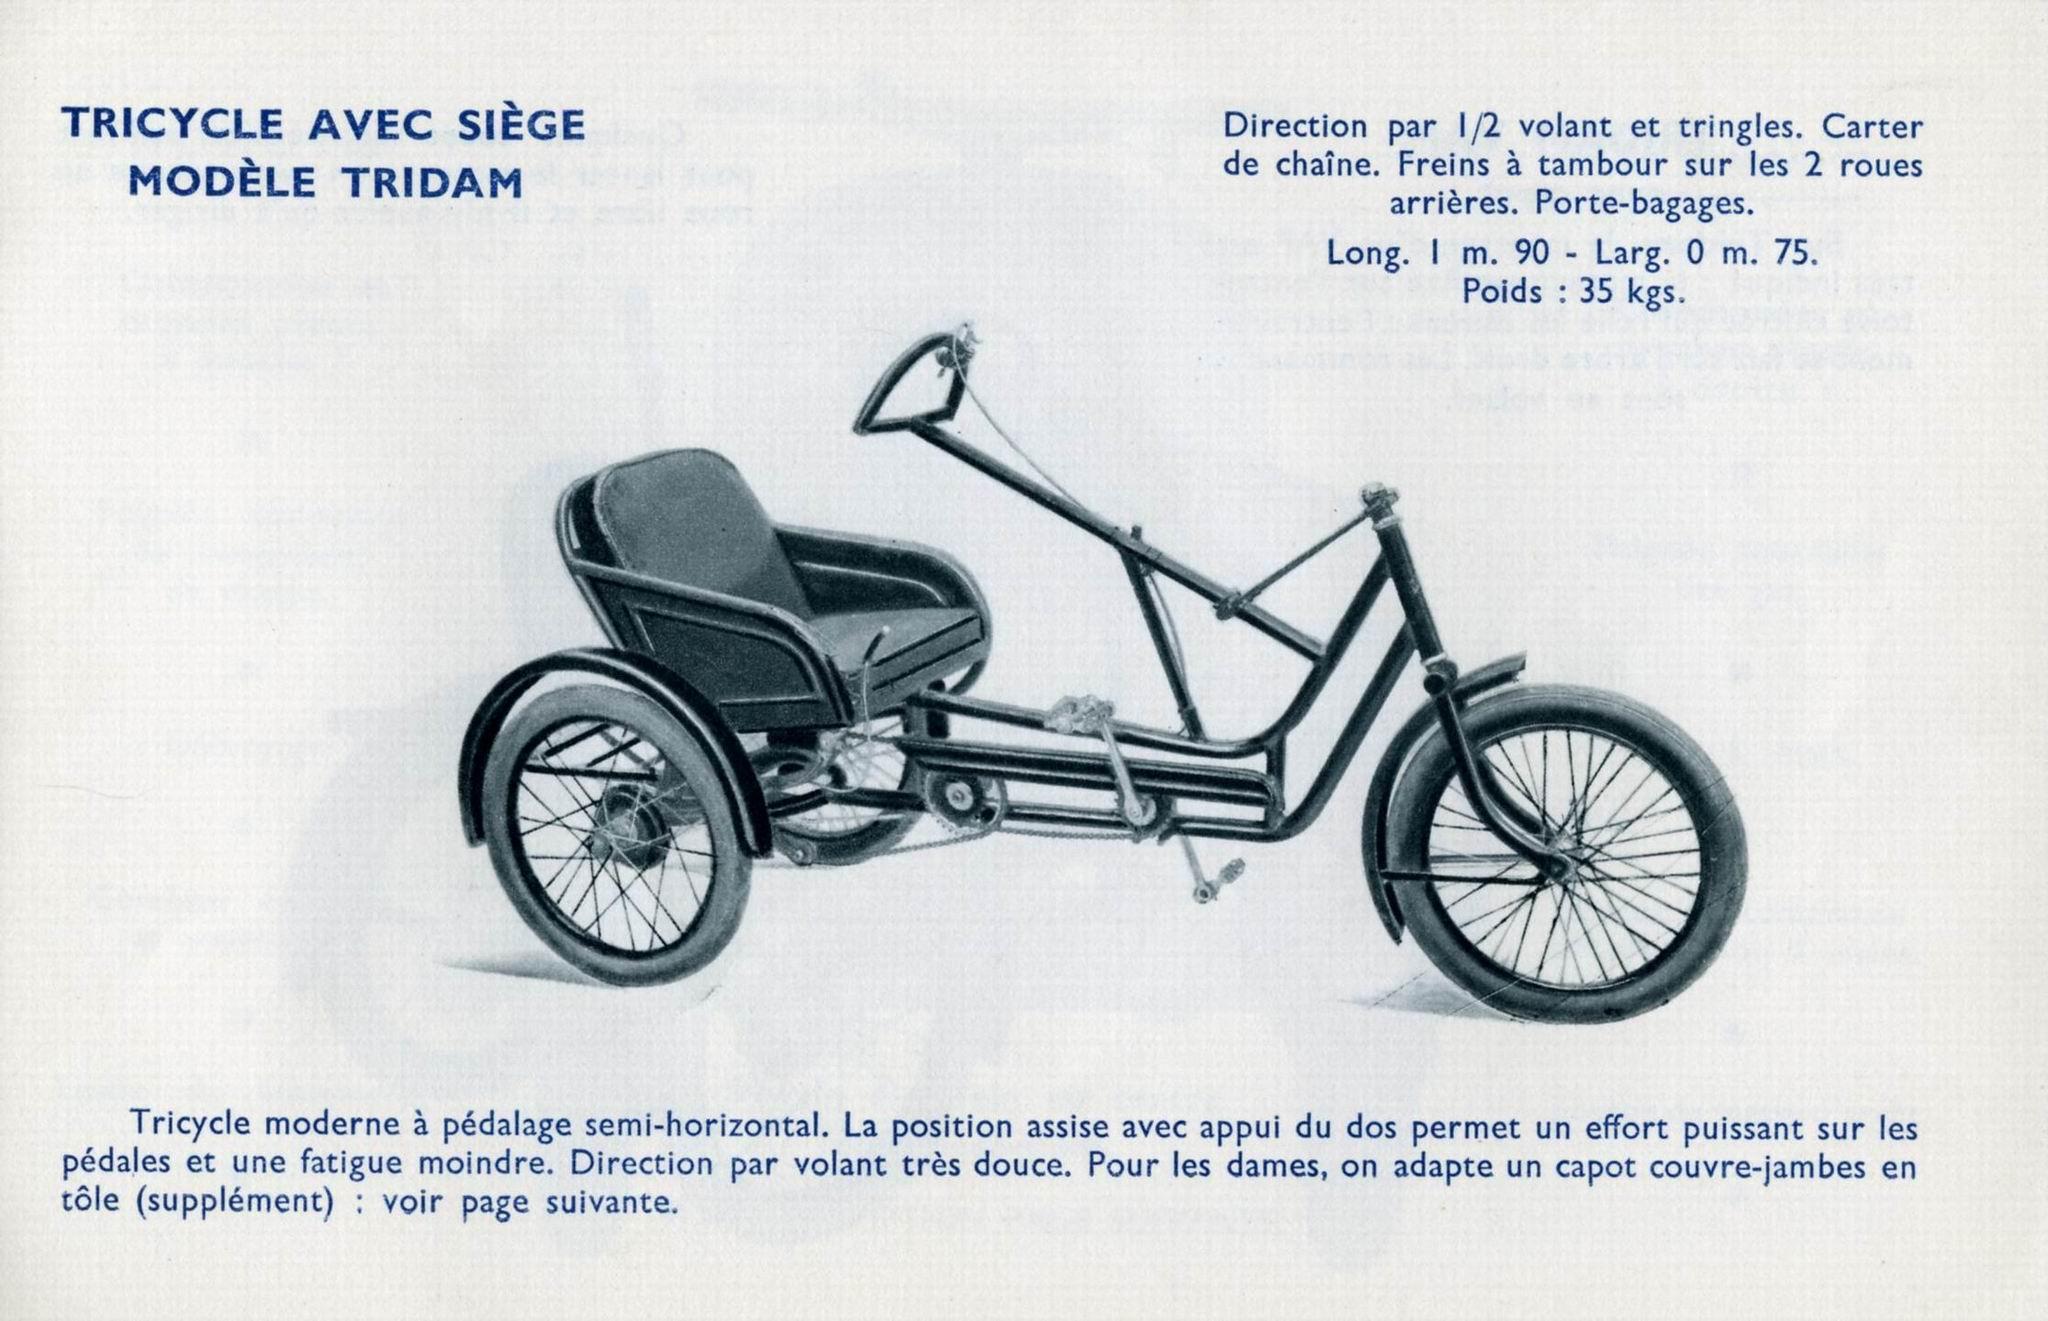 Cherche pièces pour restauration d'un Tricycle Poirier type Tridam File